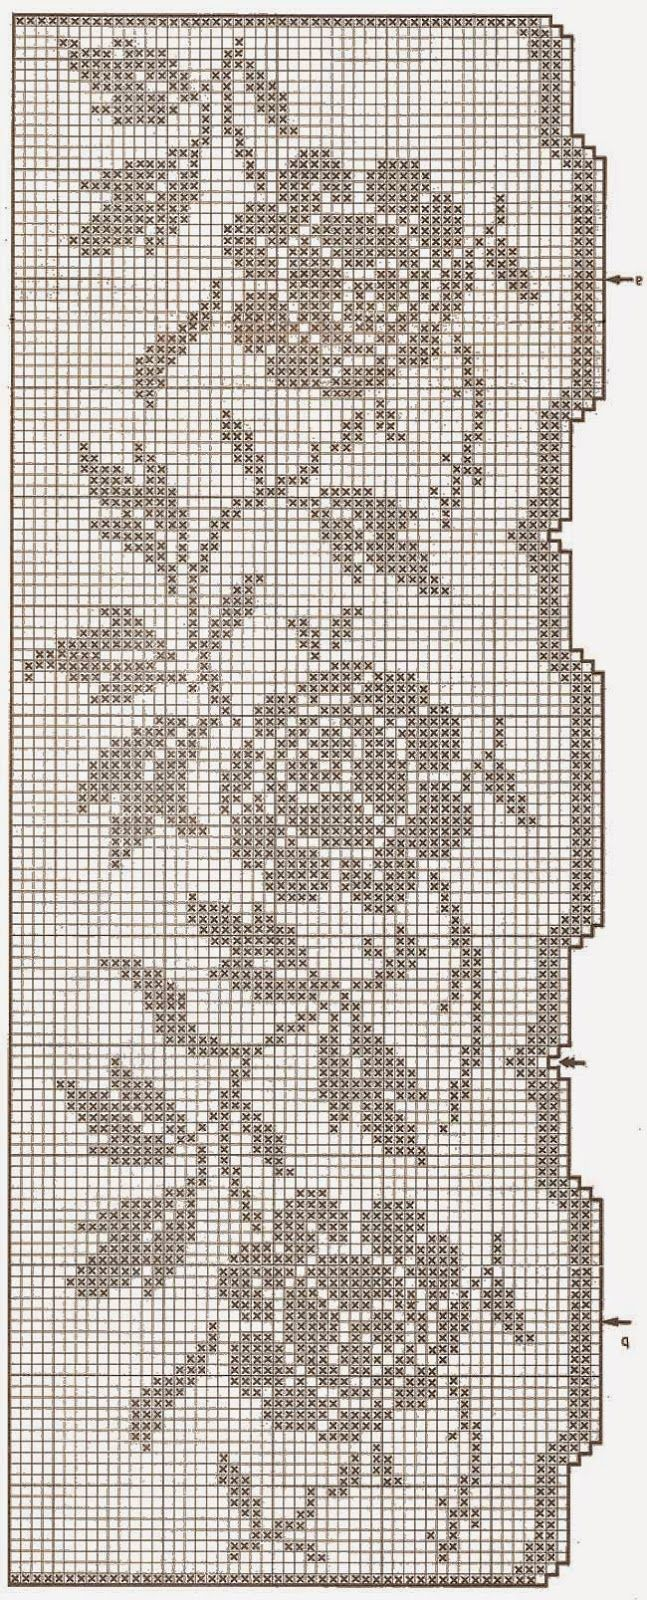 bordo rose | Hobby lavori femminili - ricamo - uncinetto - maglia